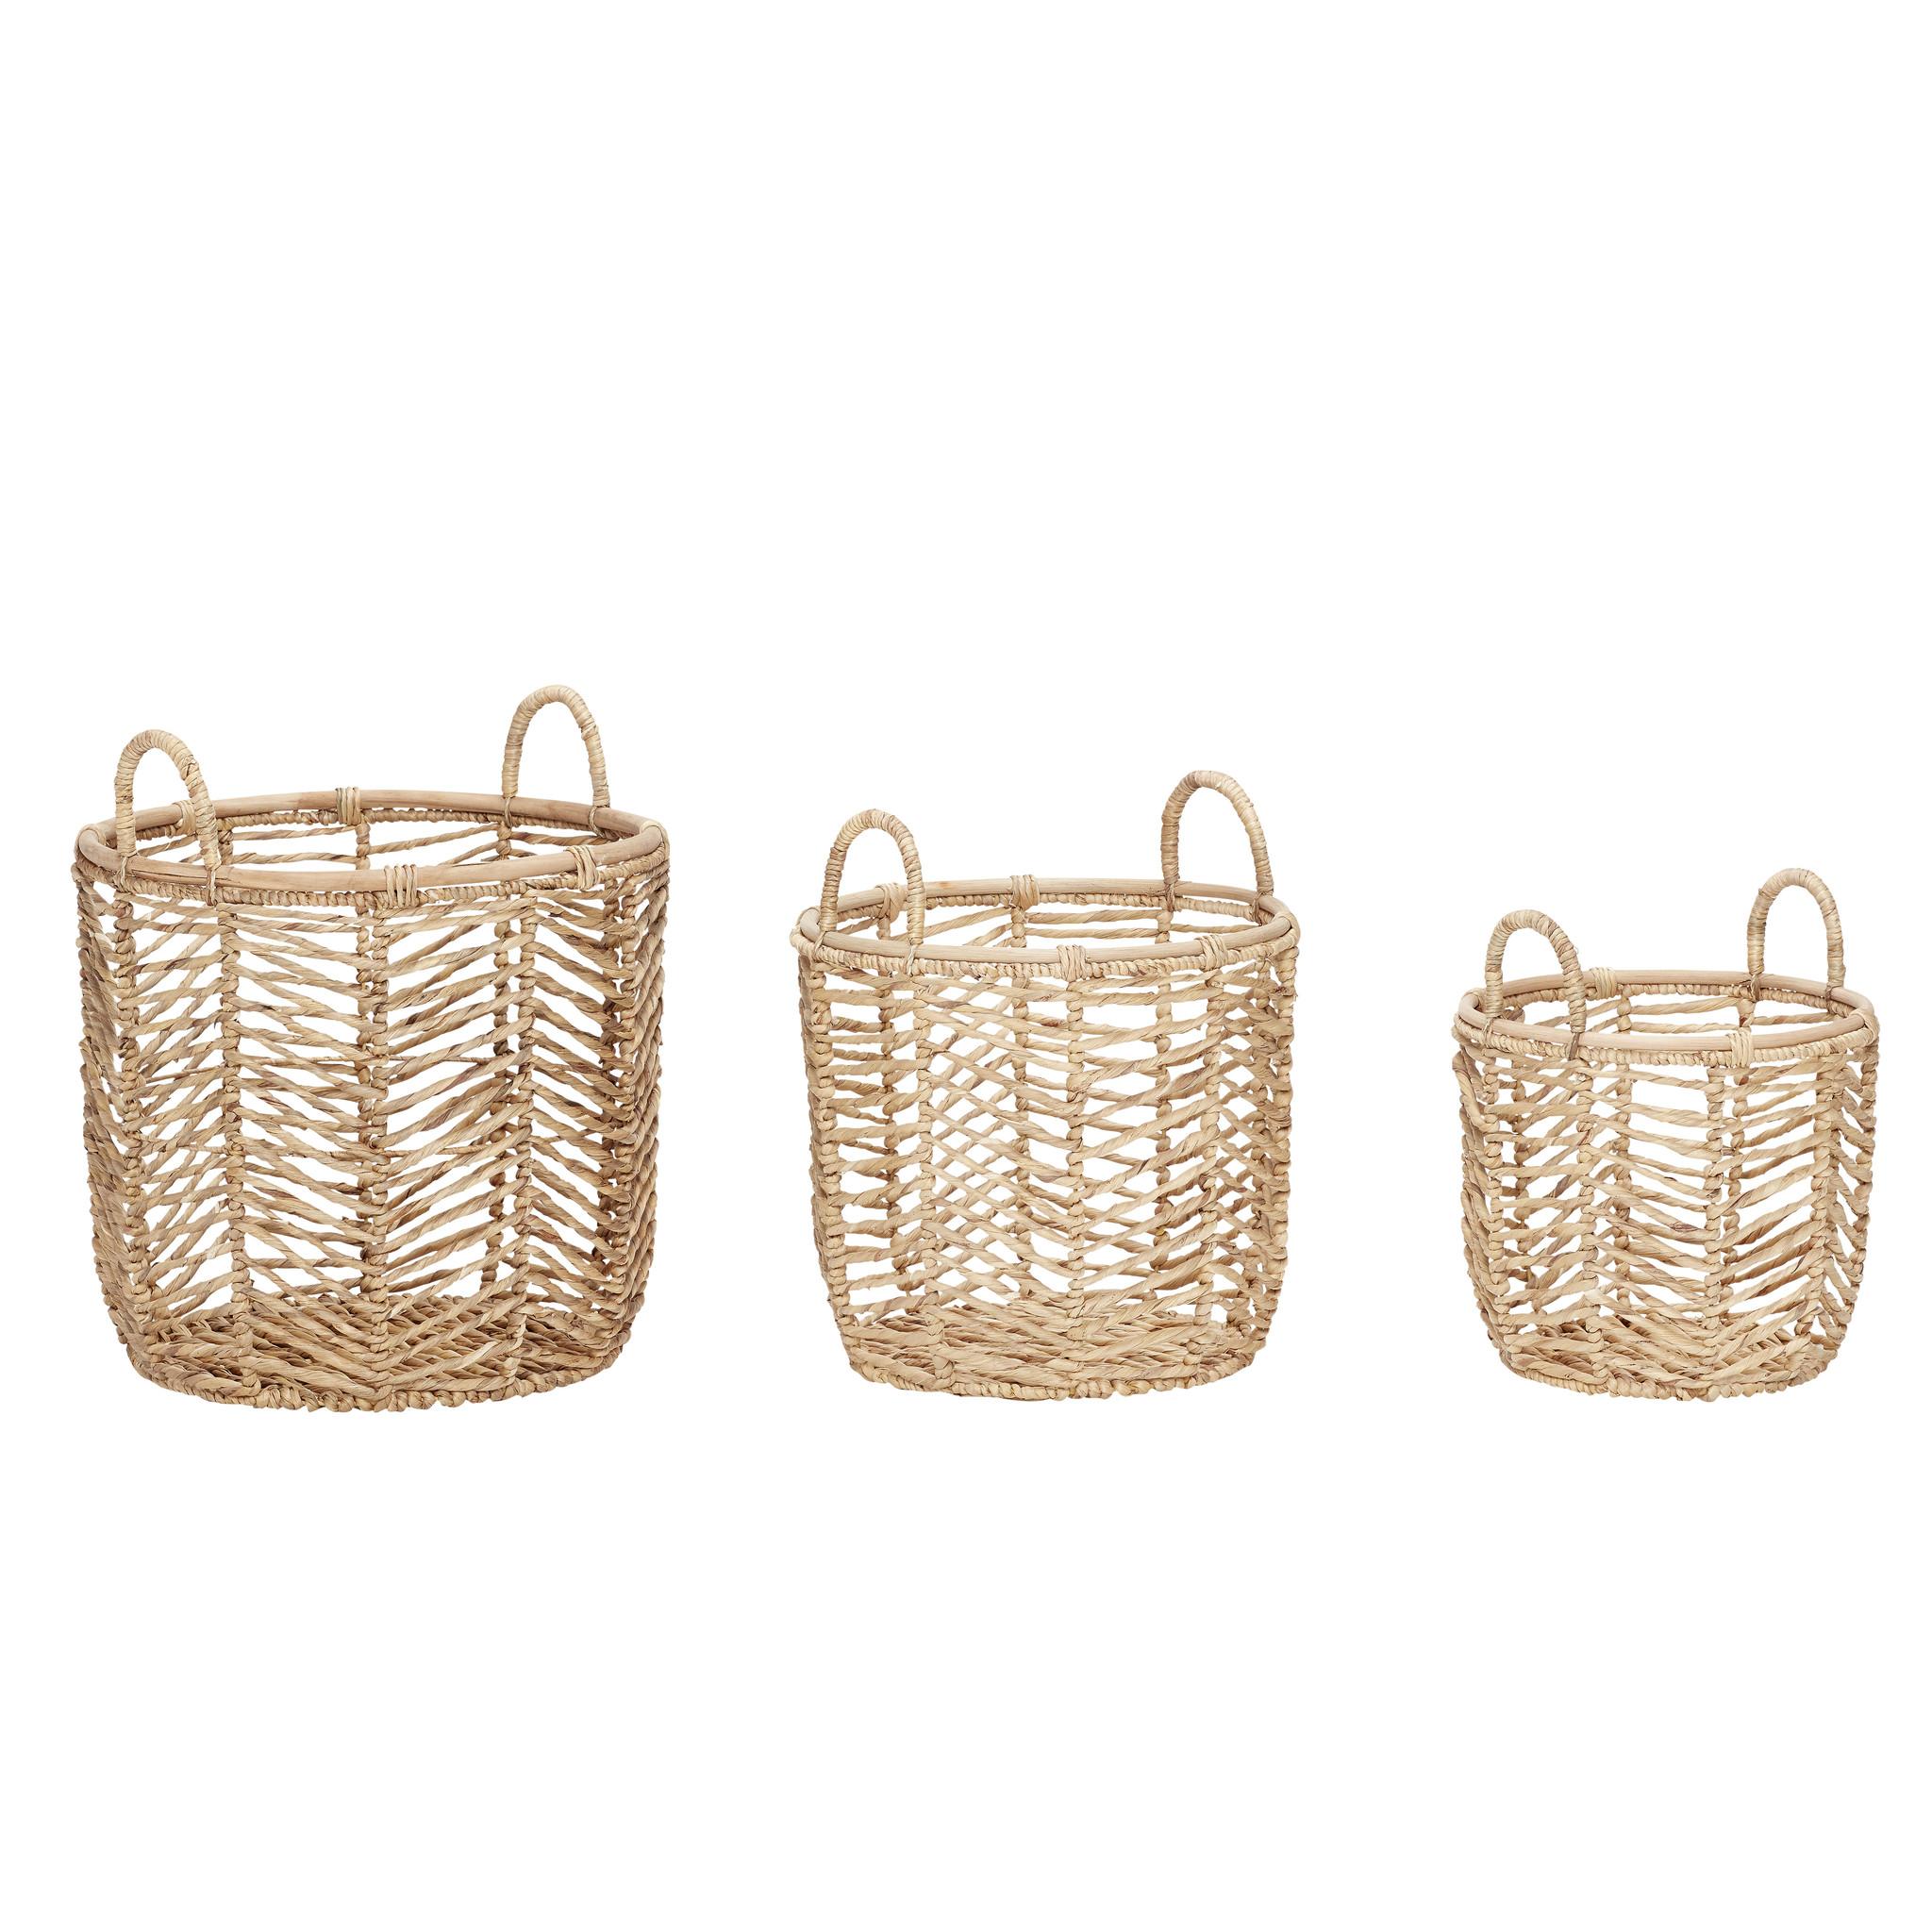 Hubsch Mand met handvat, rond, waterhyacint, natur, set van 3-520504-5712772061145